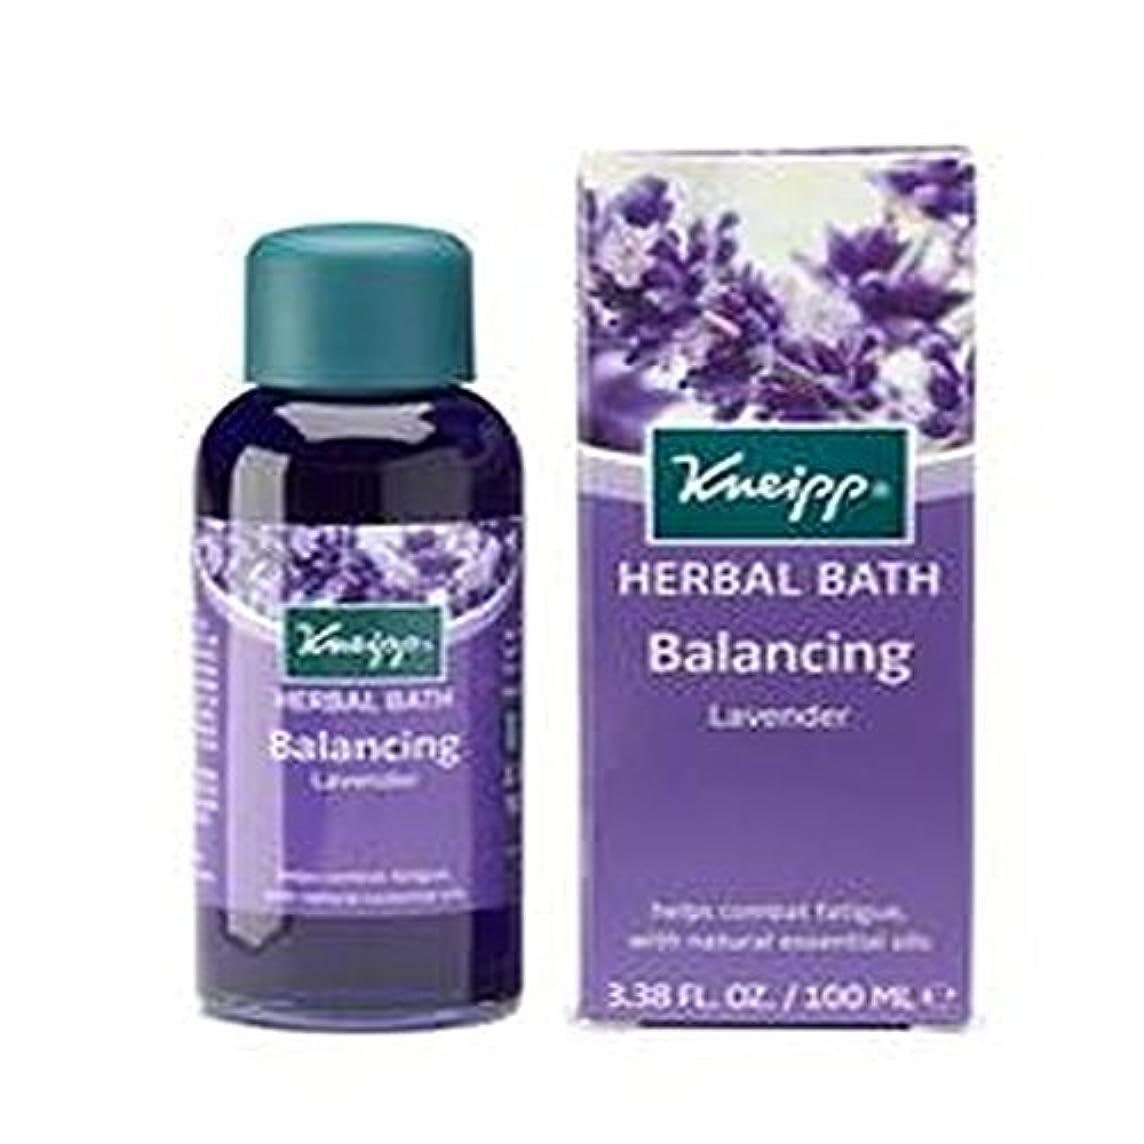 標高講義ふくろうKneipp Balancing Lavender Herbal Bath - 3.38 Oz. (並行輸入品) [並行輸入品]